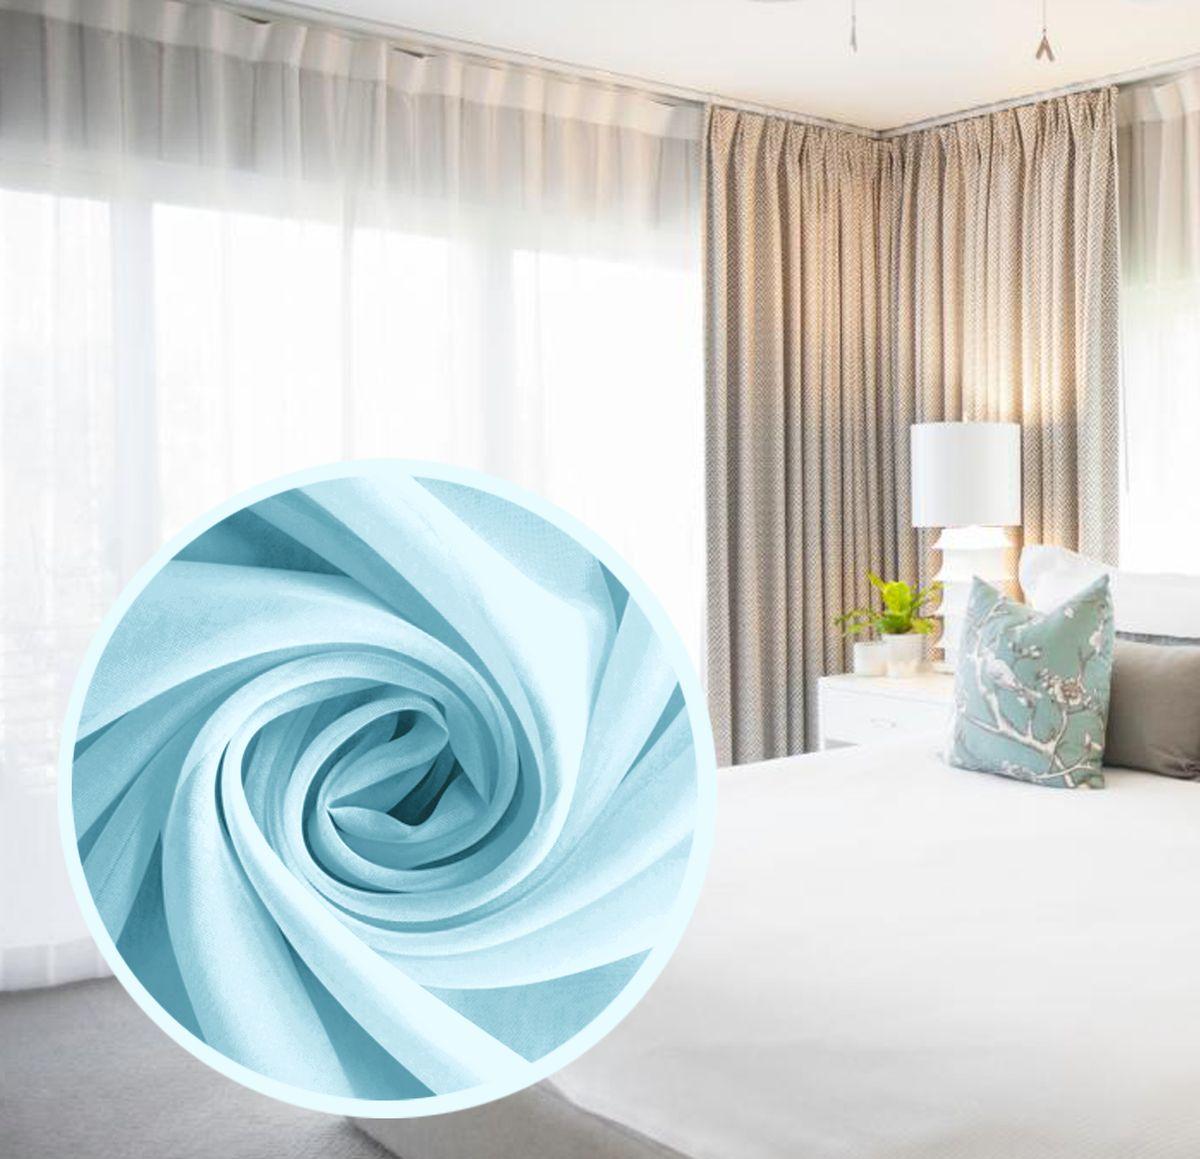 Вуаль Amore Mio Однотонная, на ленте, цвет: голубой, высота 290 см. 7856478564Amore Mio - однотонная легкая вуаль нежного цвета в классическом исполнении, выполнена из полиэстера.Вуаль незаменимая деталь в оформлении окон спальни и гостиной. Она отлично сочетается практически с любыми портьерами. Изделие на шторной ленте, готово к использованию. Размер: 600 х 290 см.